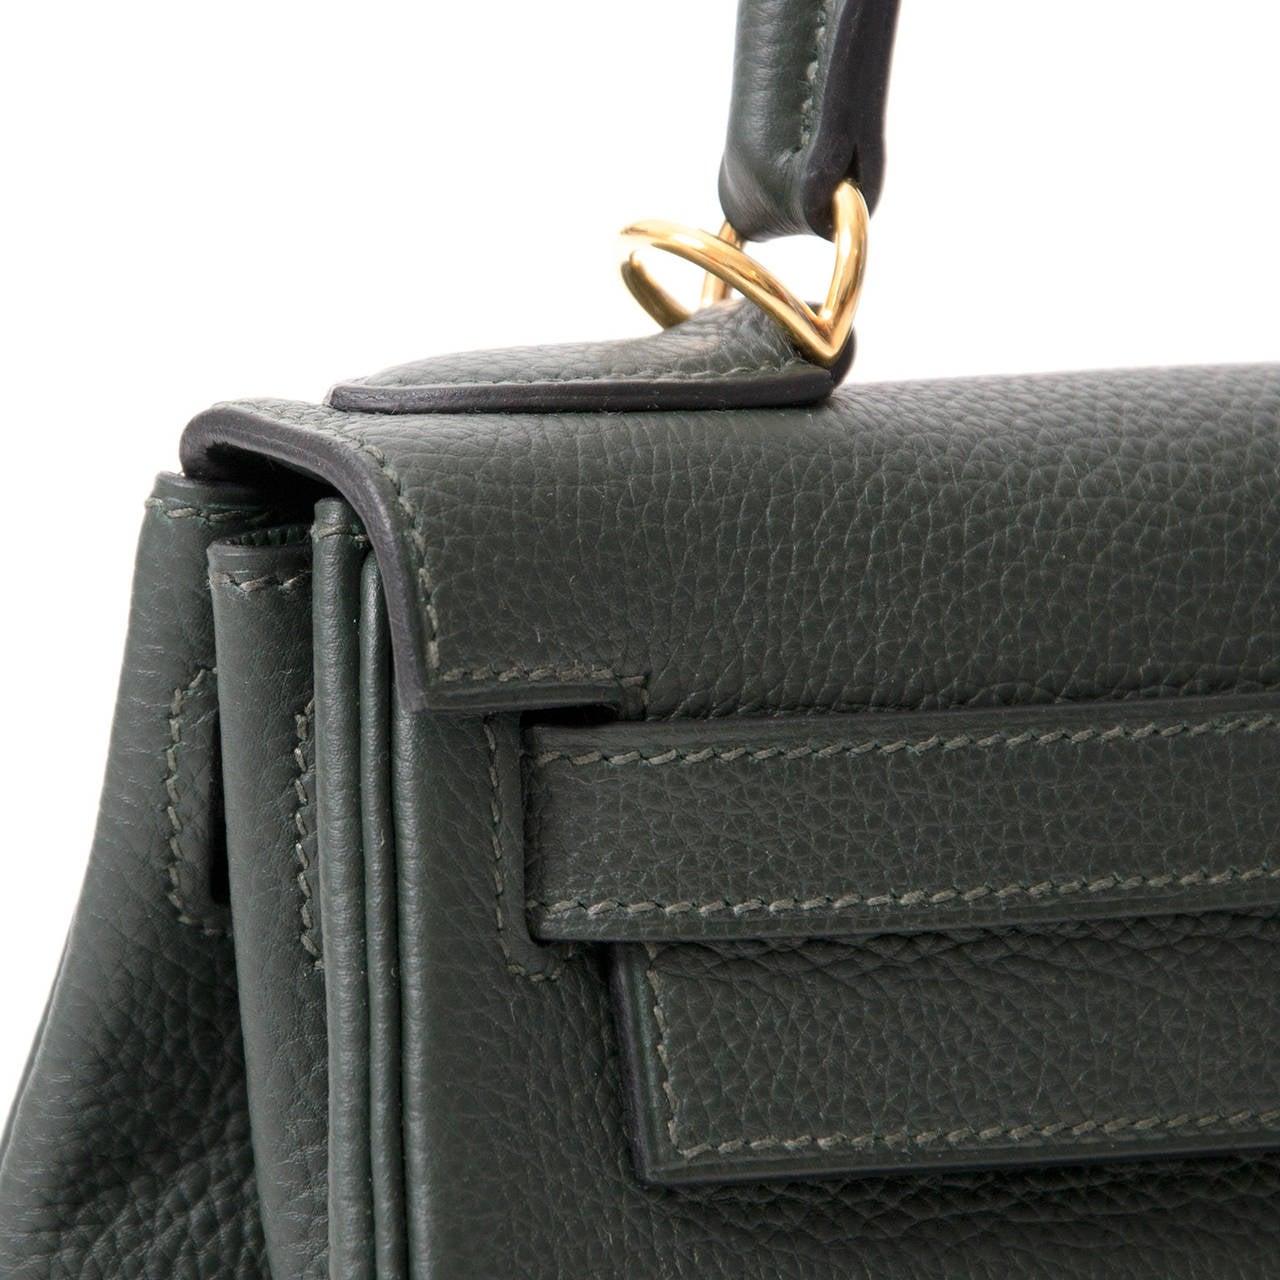 Brand New Hermès Kelly Bag 28 Togo Vert Fonce Ghw With Shoulder Strap For 1